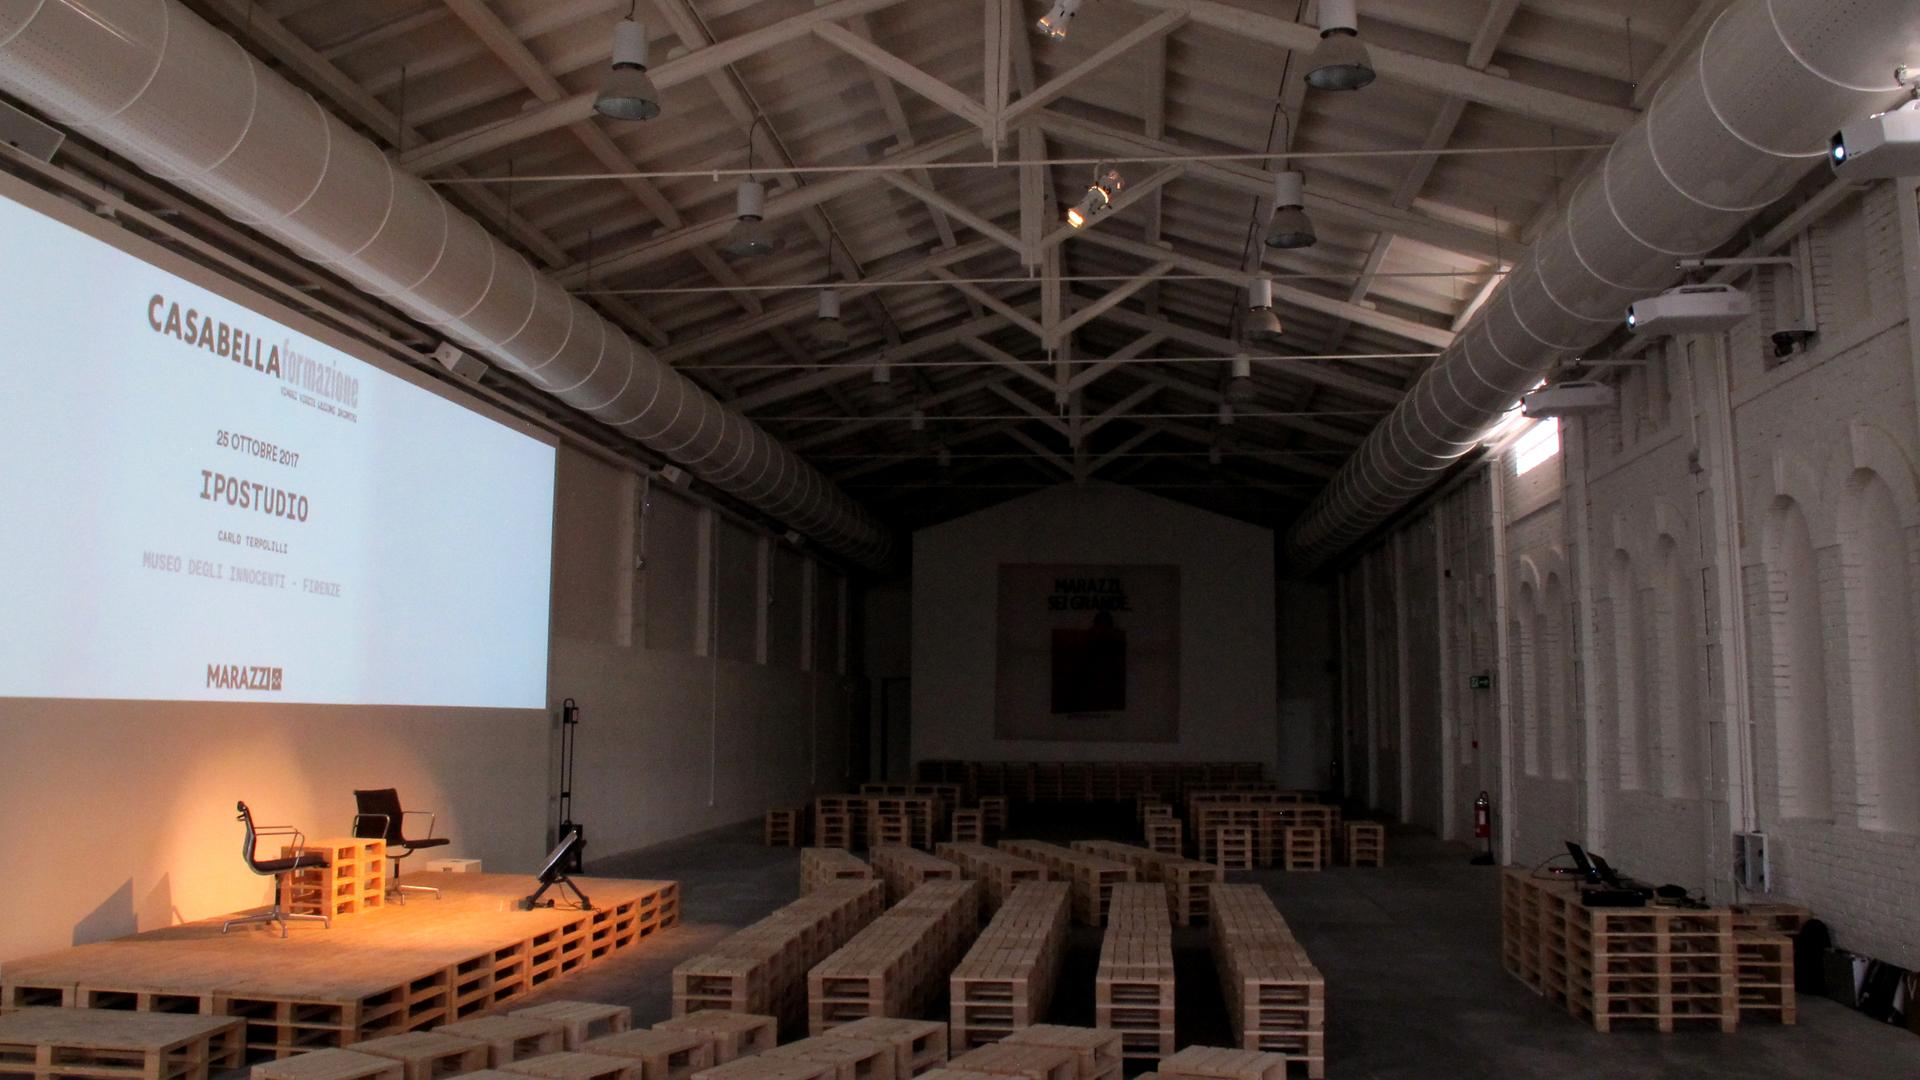 Marazzi Crogiolo-installazione audio video-lorri